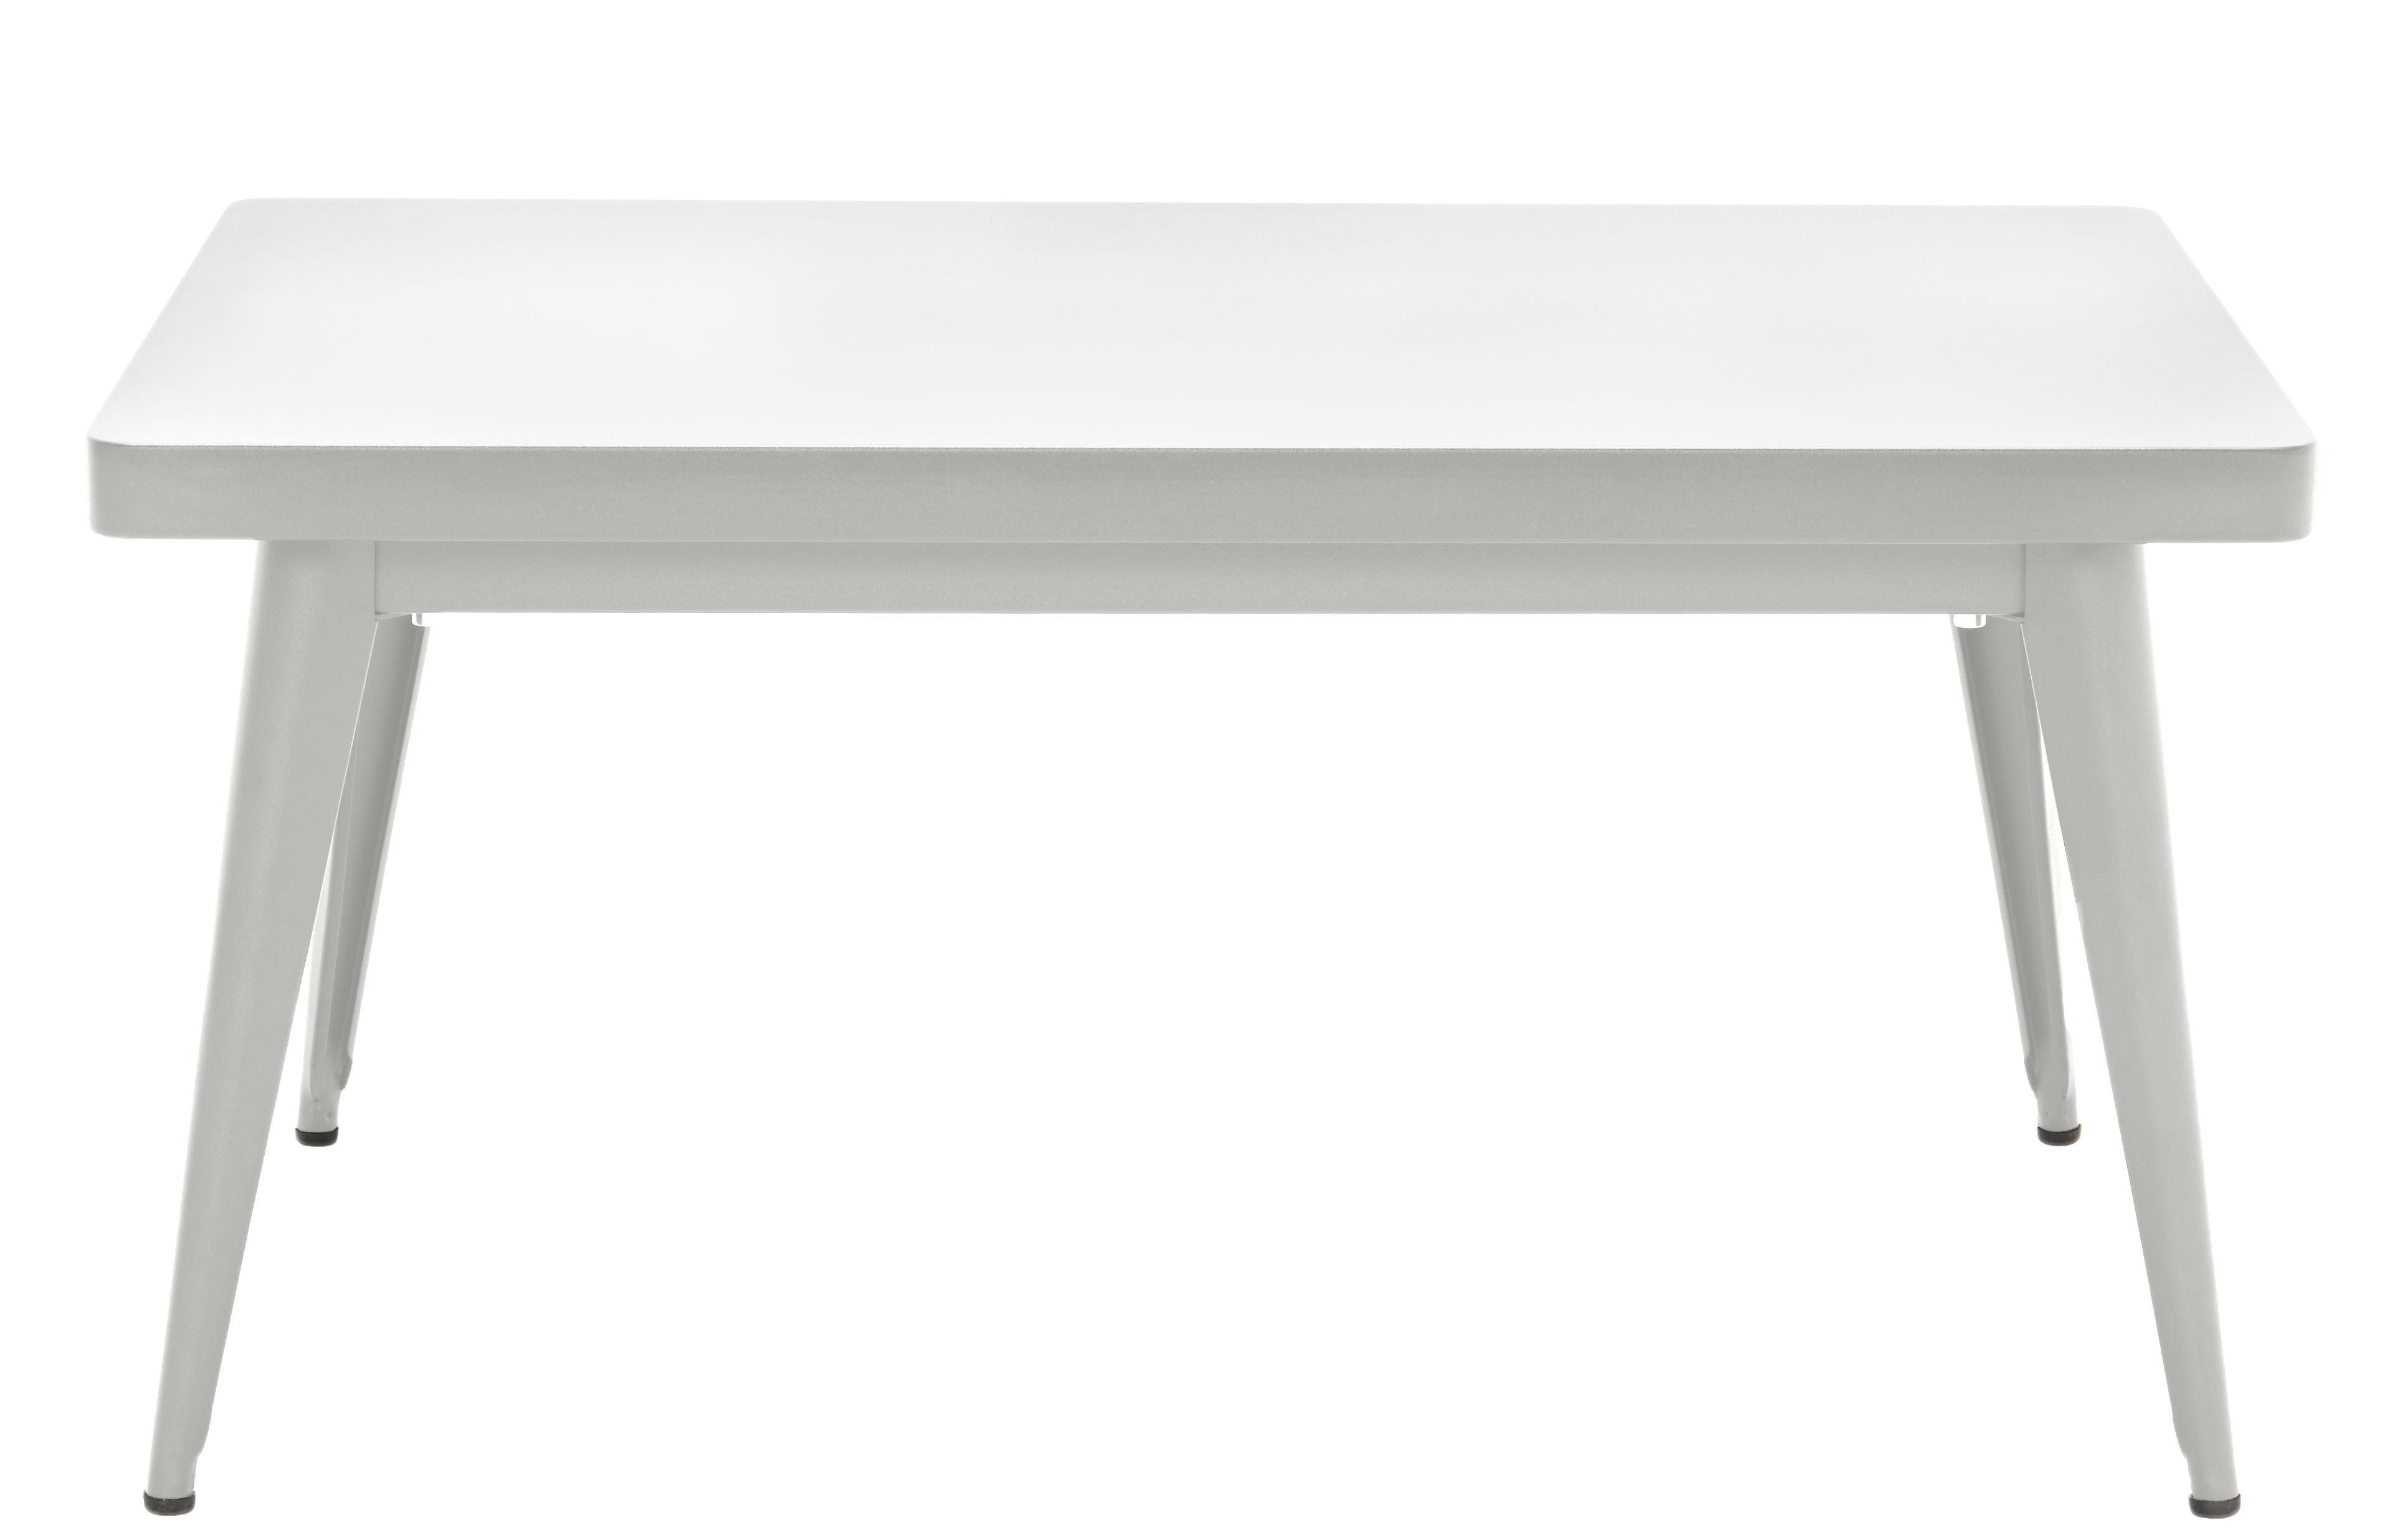 55 90 x 55 cm les couleurs le corbusier tolix couchtisch. Black Bedroom Furniture Sets. Home Design Ideas